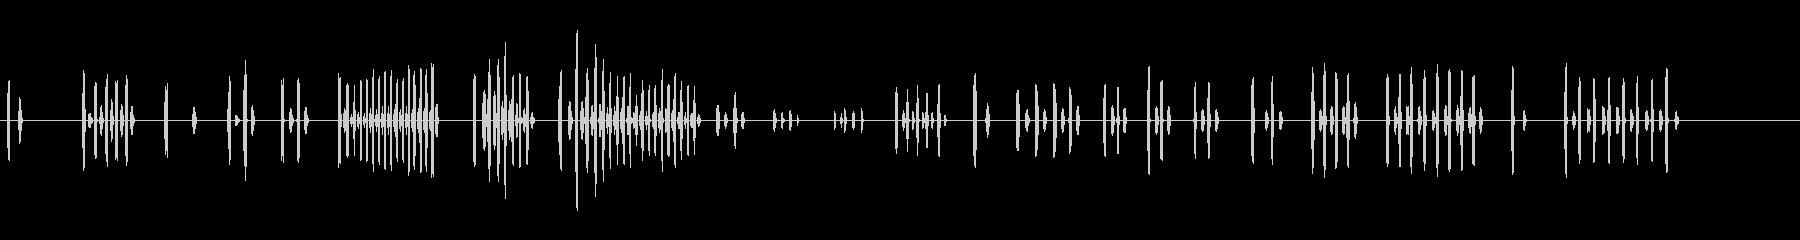 ぬいぐるみやサンダルなどのキュッキュ音の未再生の波形